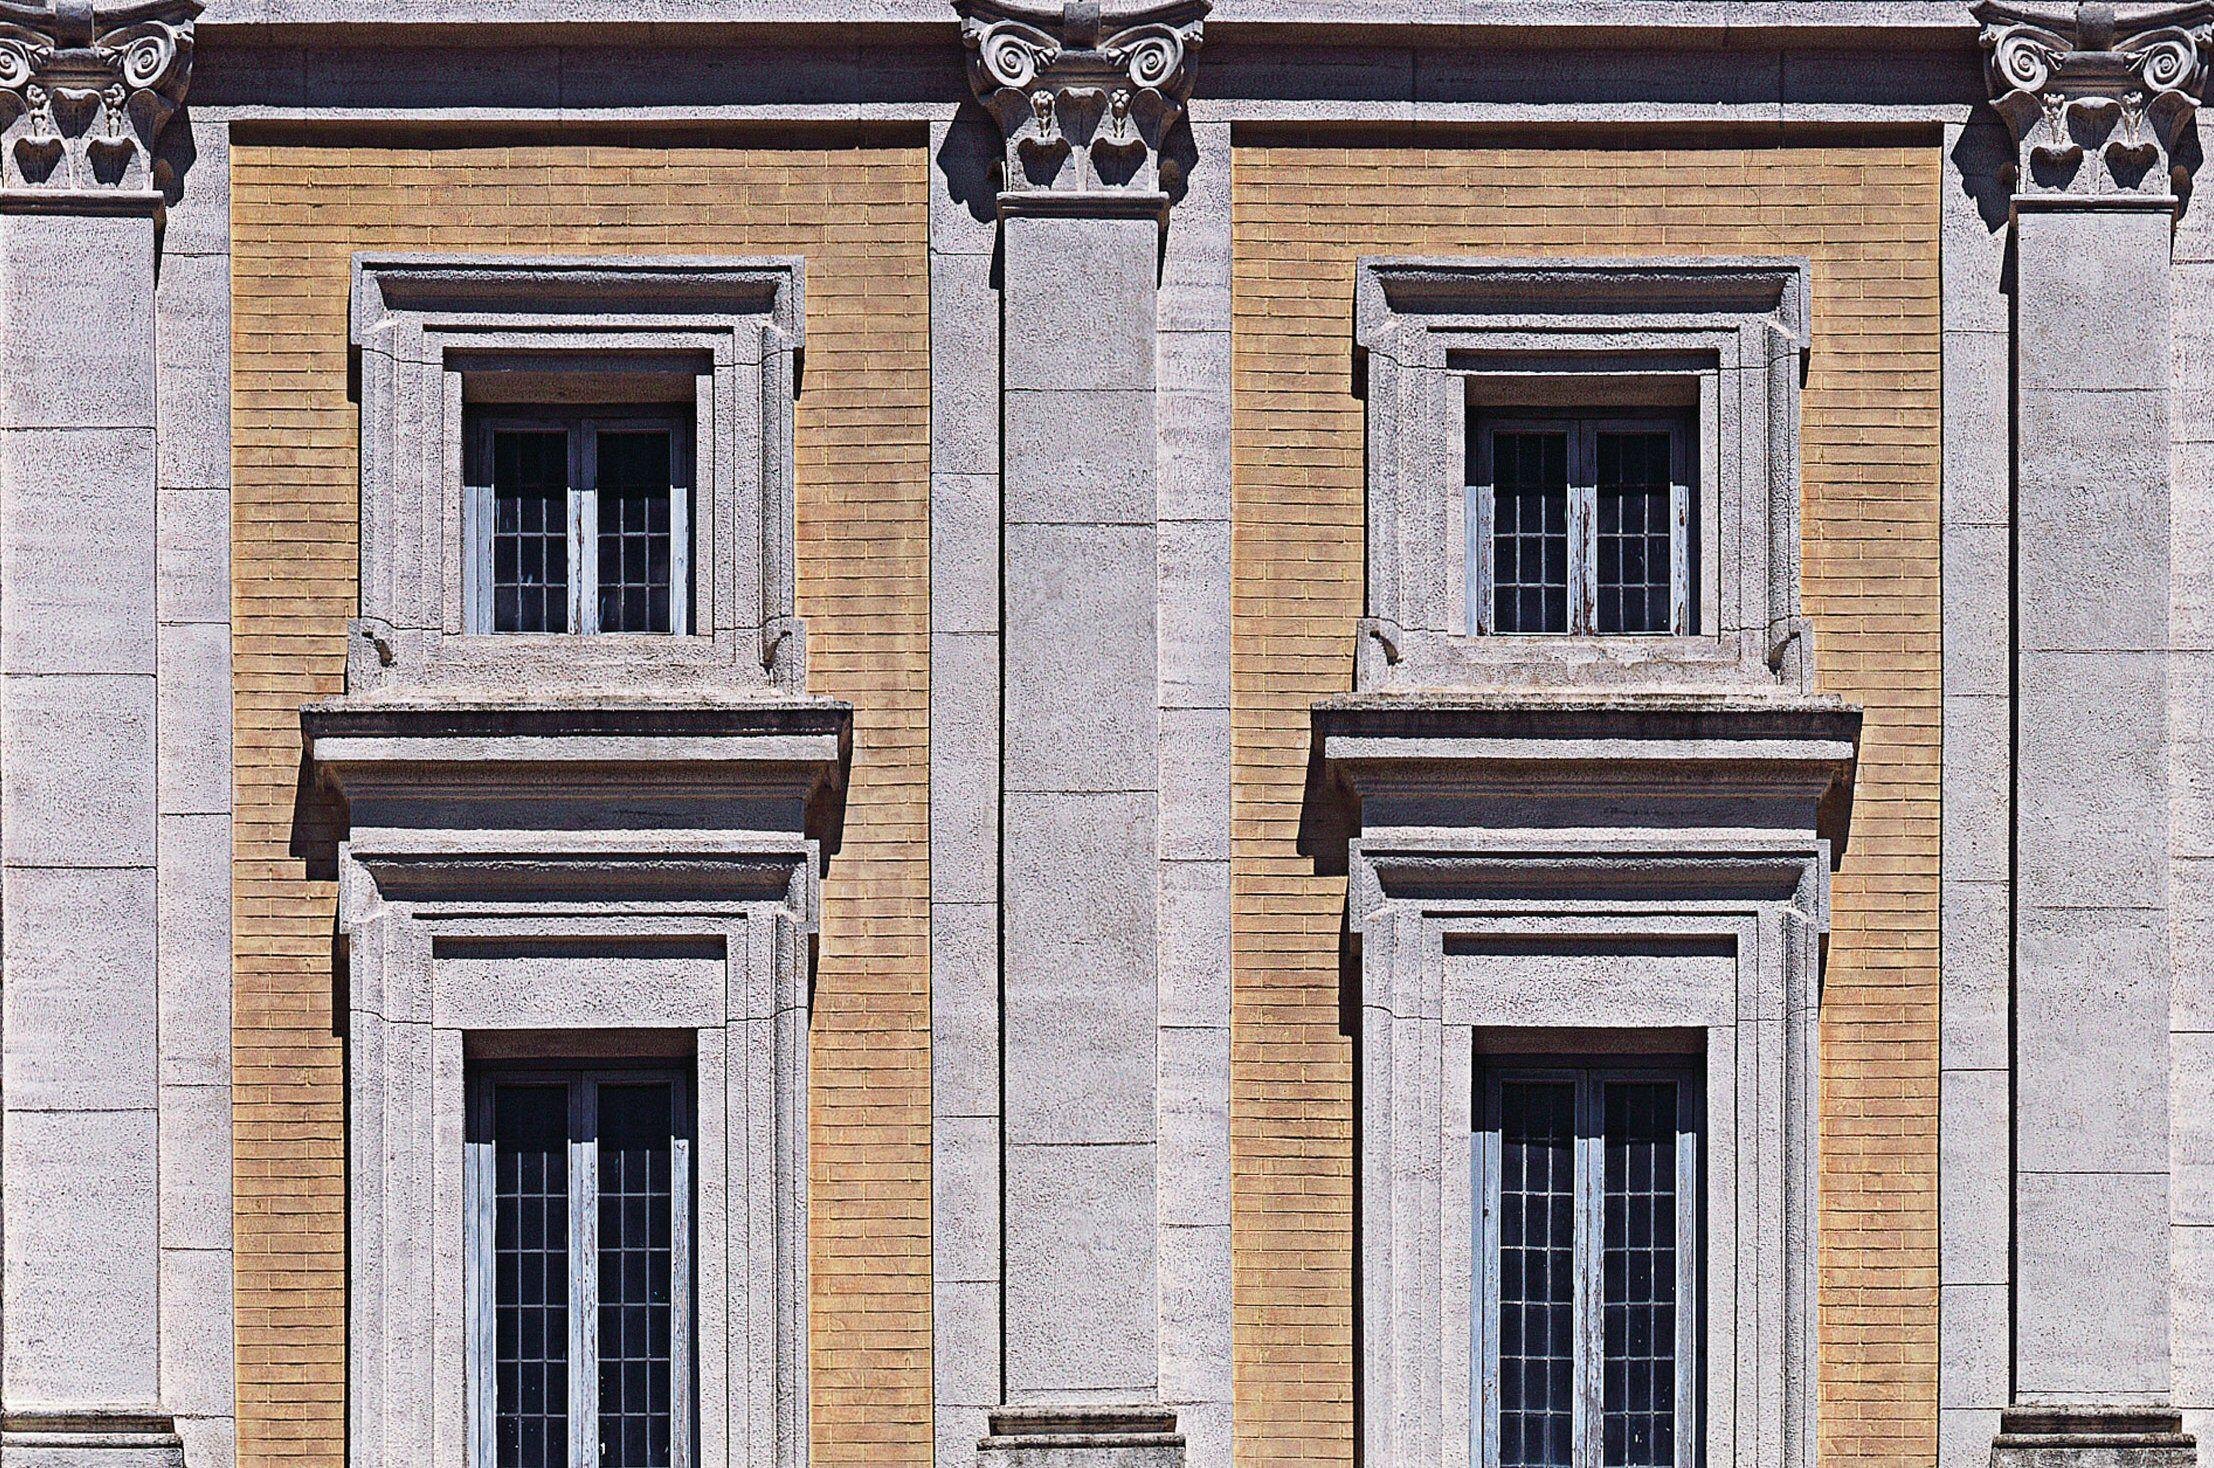 Пилястры (54 фото): что это такое в архитектуре и строительстве? пилястры на фасадах из полиуретана, дерева и пенопласта, деревянные капители